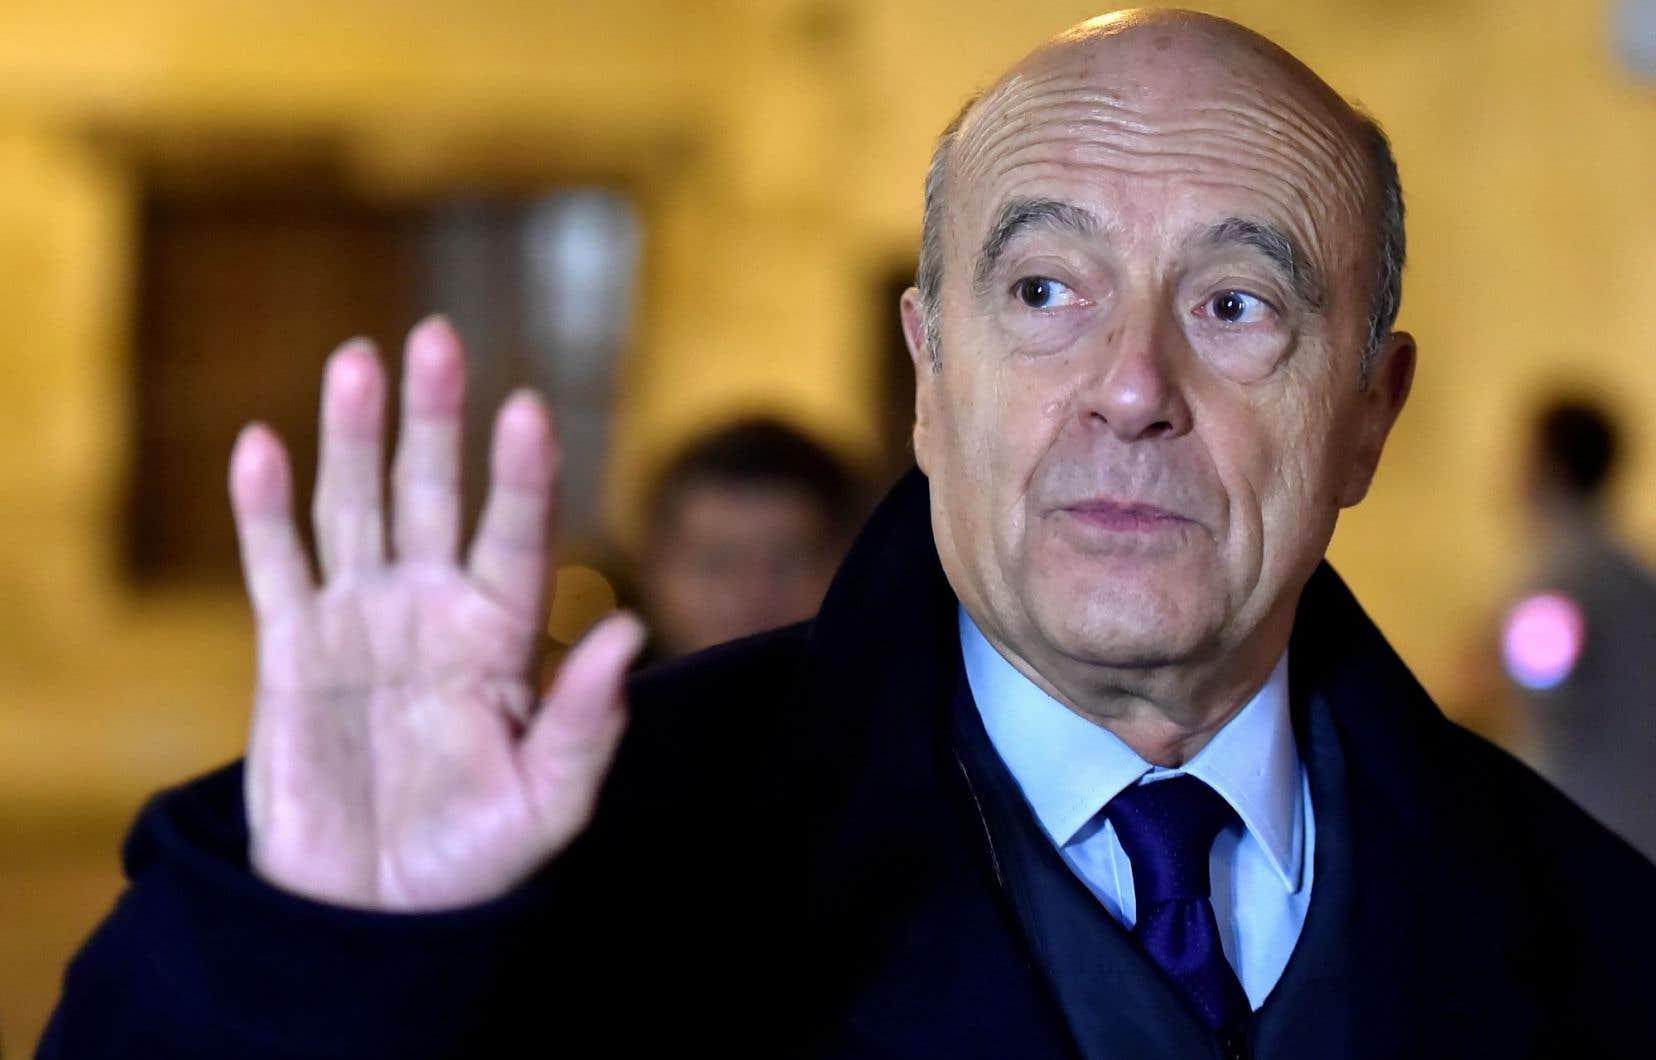 À 71 ans, Alain Juppé pourraitrenouer avec un rêve présidentiel qui semblait définitivement enterré en novembre.